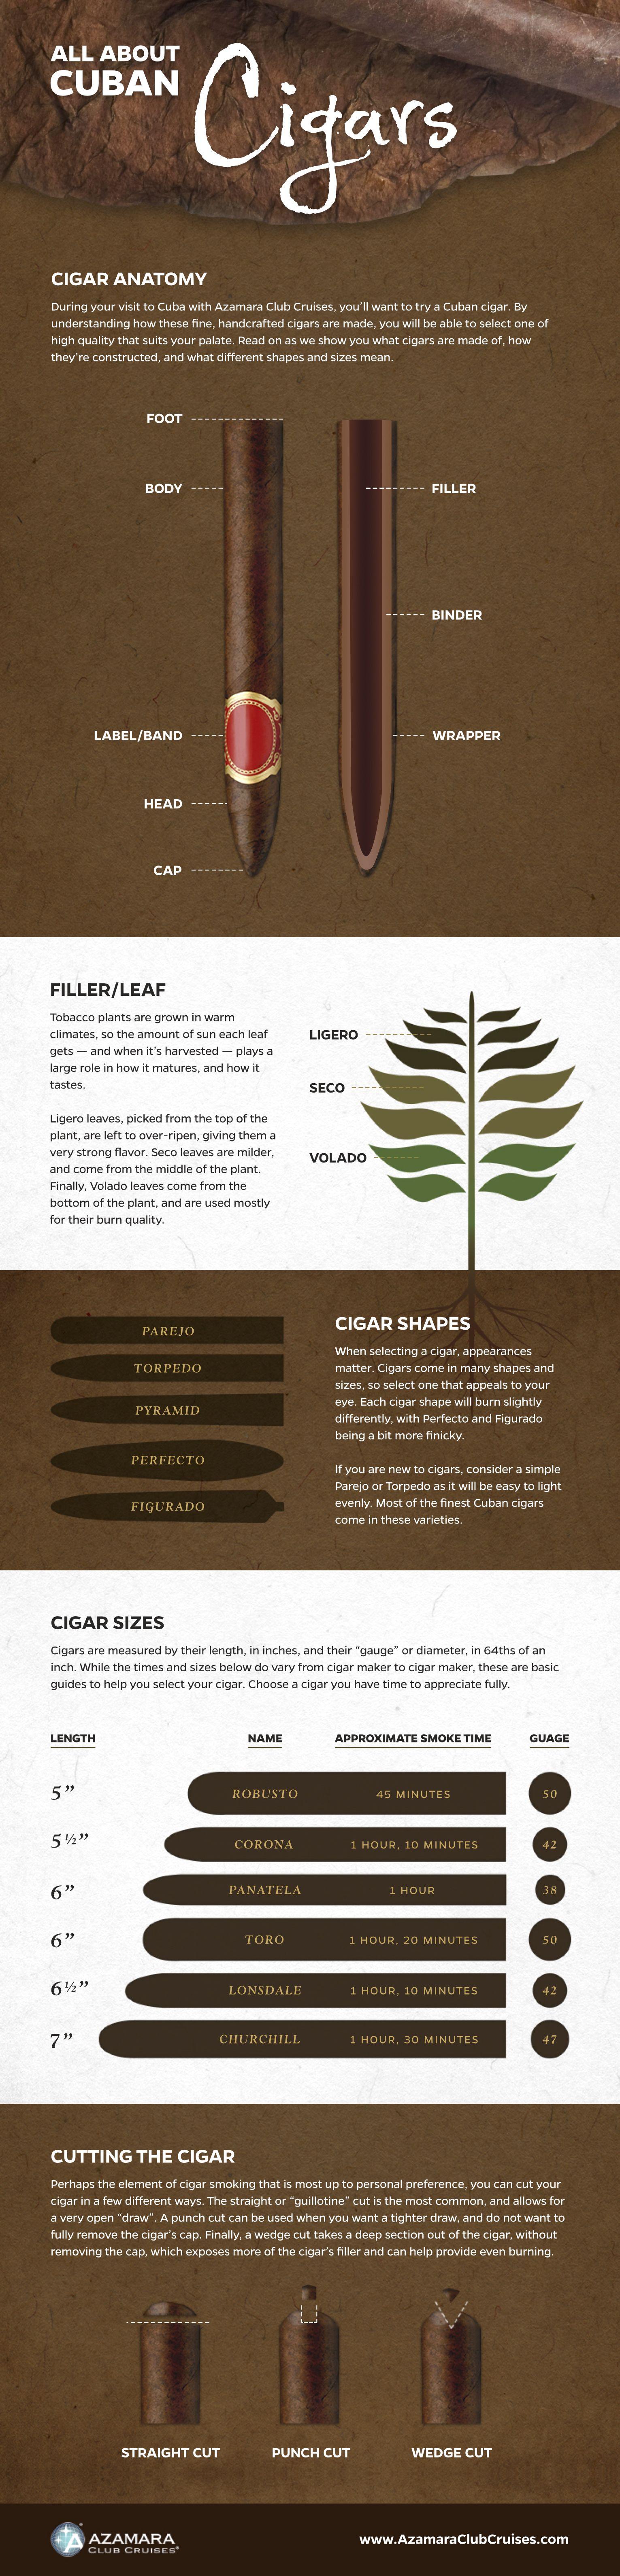 minden_amit_egy_szivarrol_tudnod_kell_--cigar-infographic-white_1.jpg